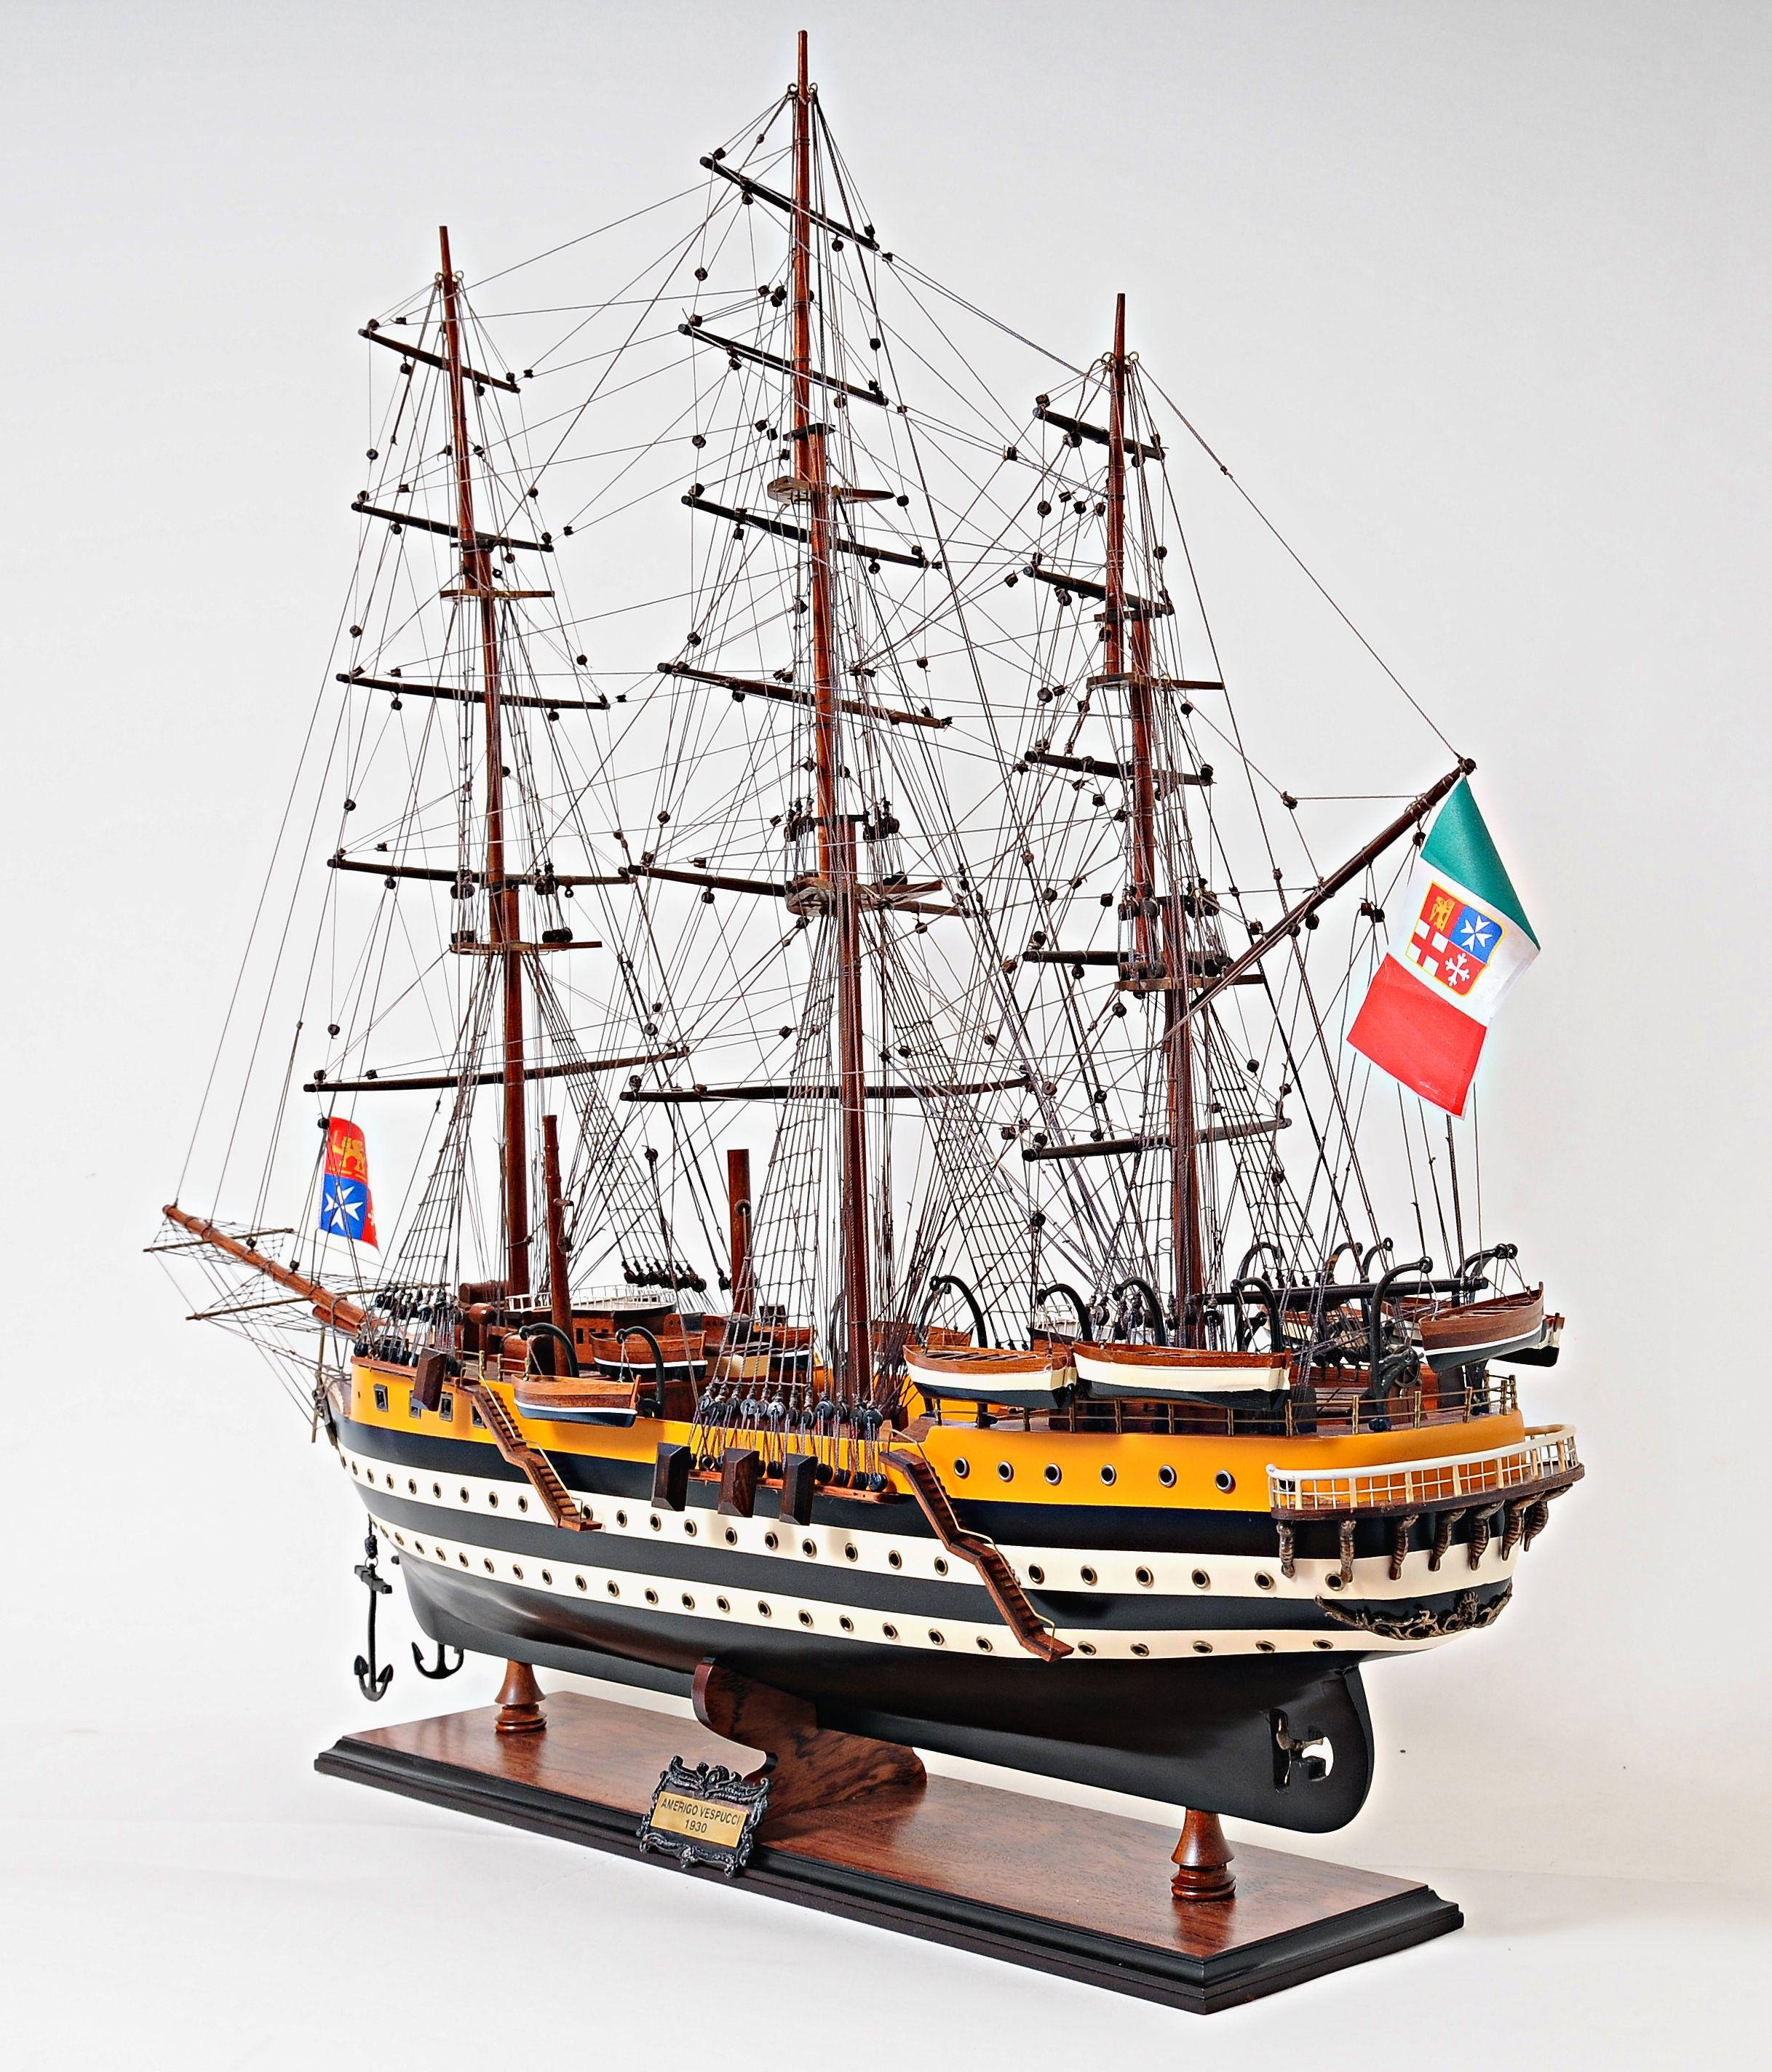 2265-13022-Amerigo-Vespucci-Model-Boat